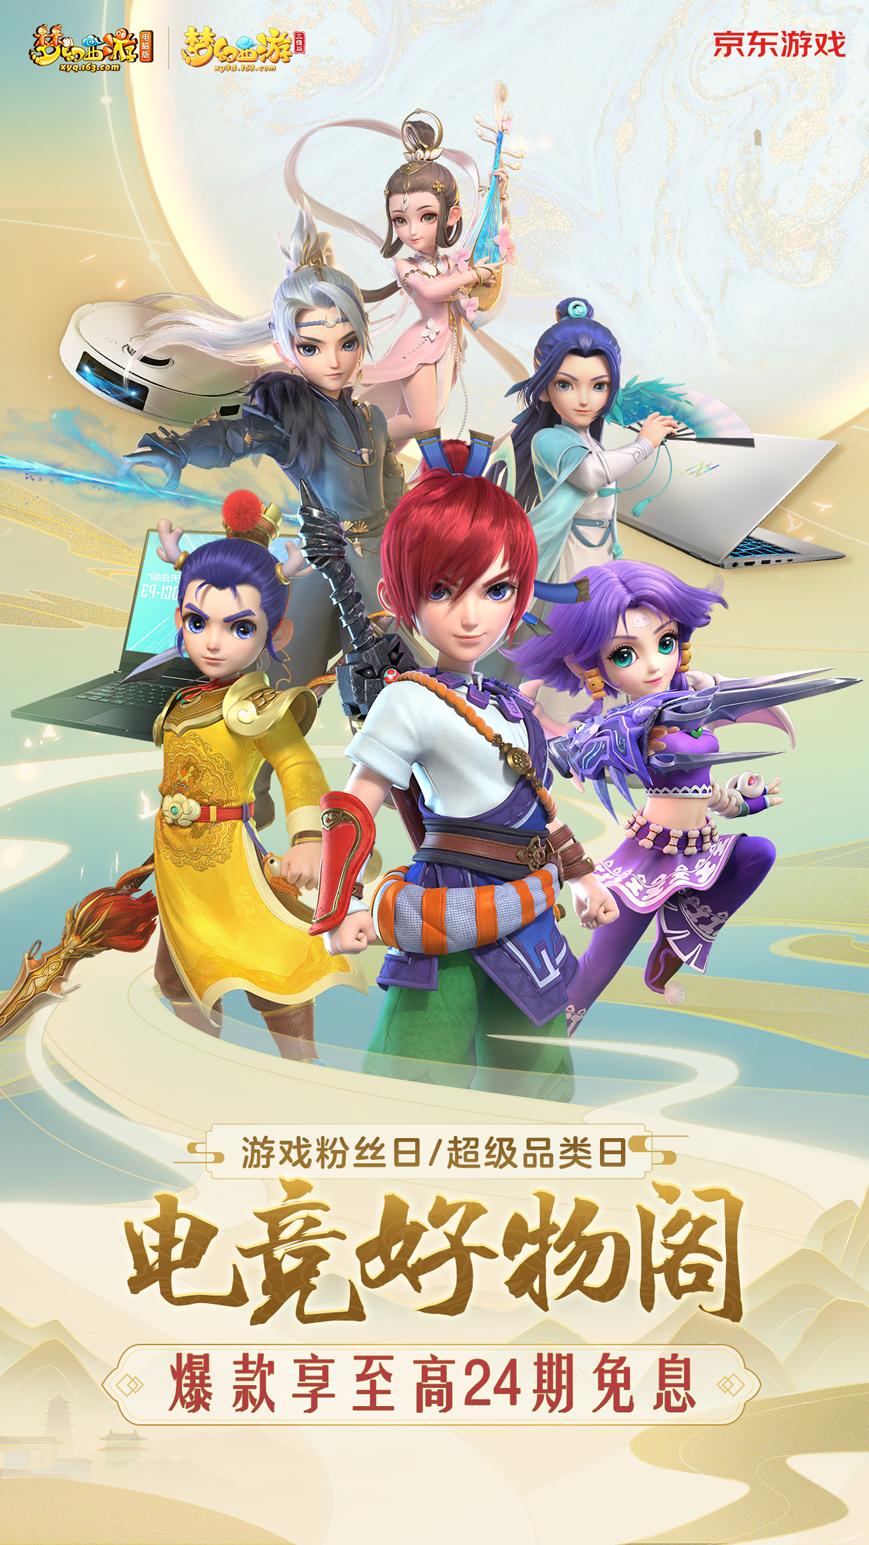 《梦幻西游三维版》x京东游戏超级品类日来袭,快领你的电竞装备